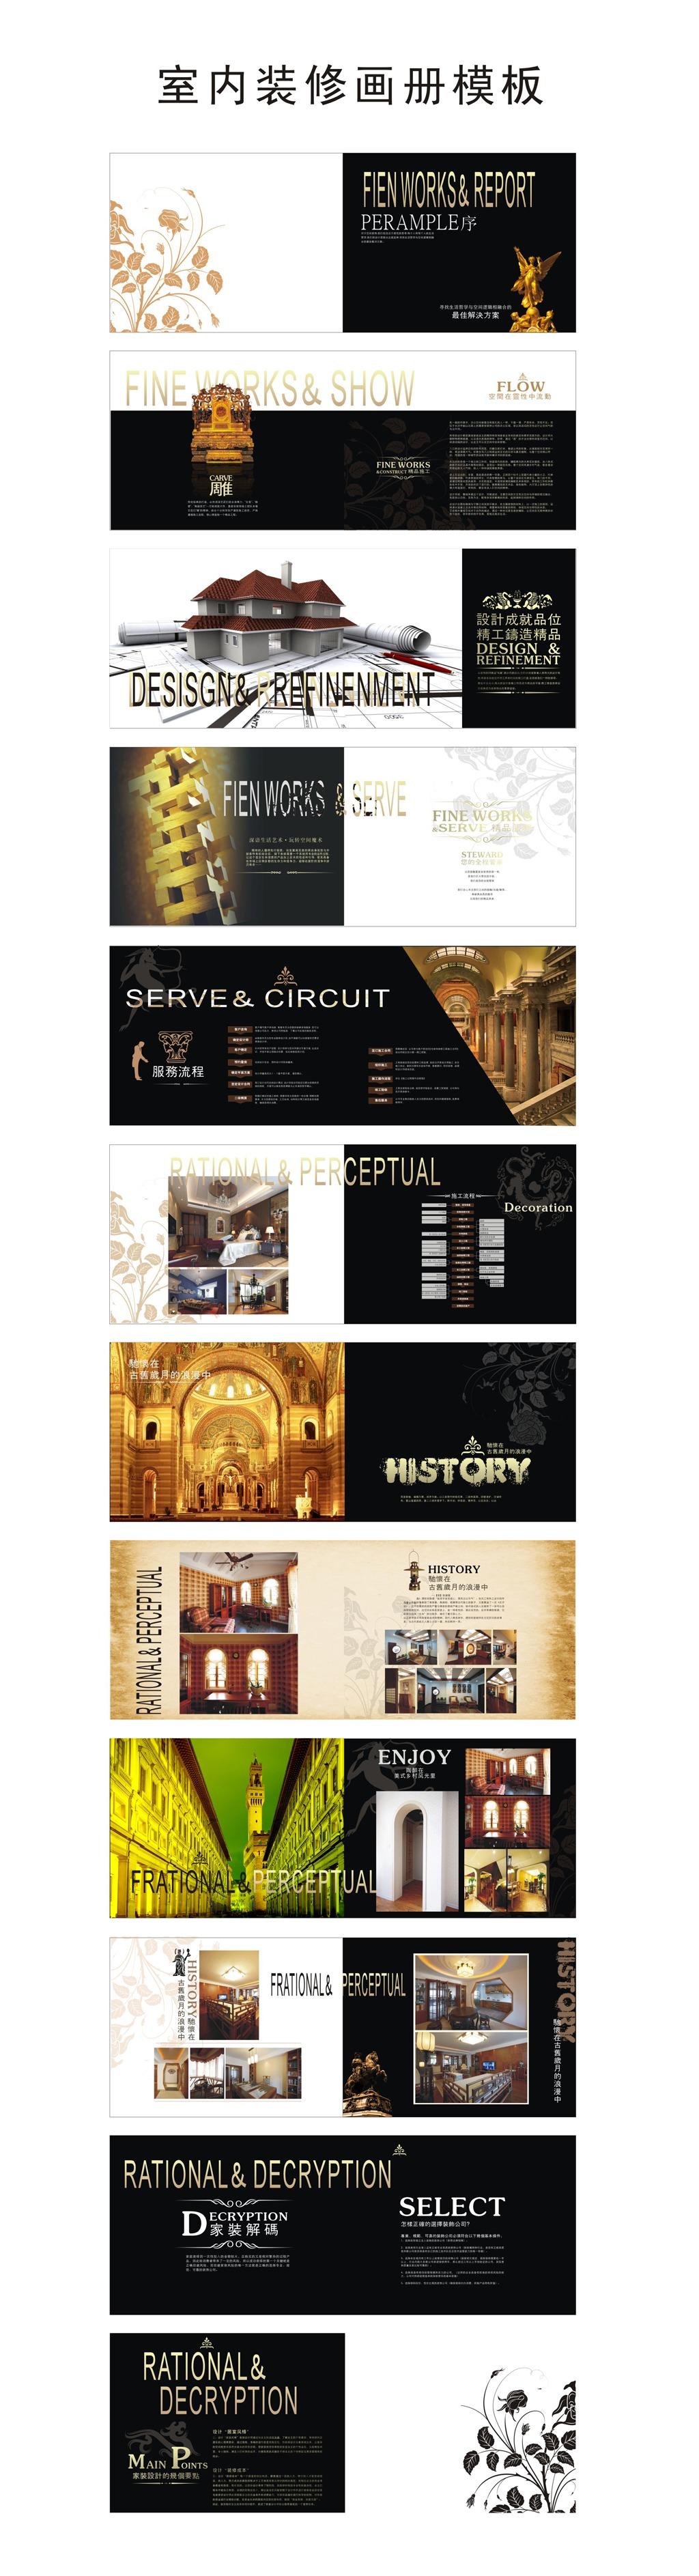 室内装饰装潢公司画册设计